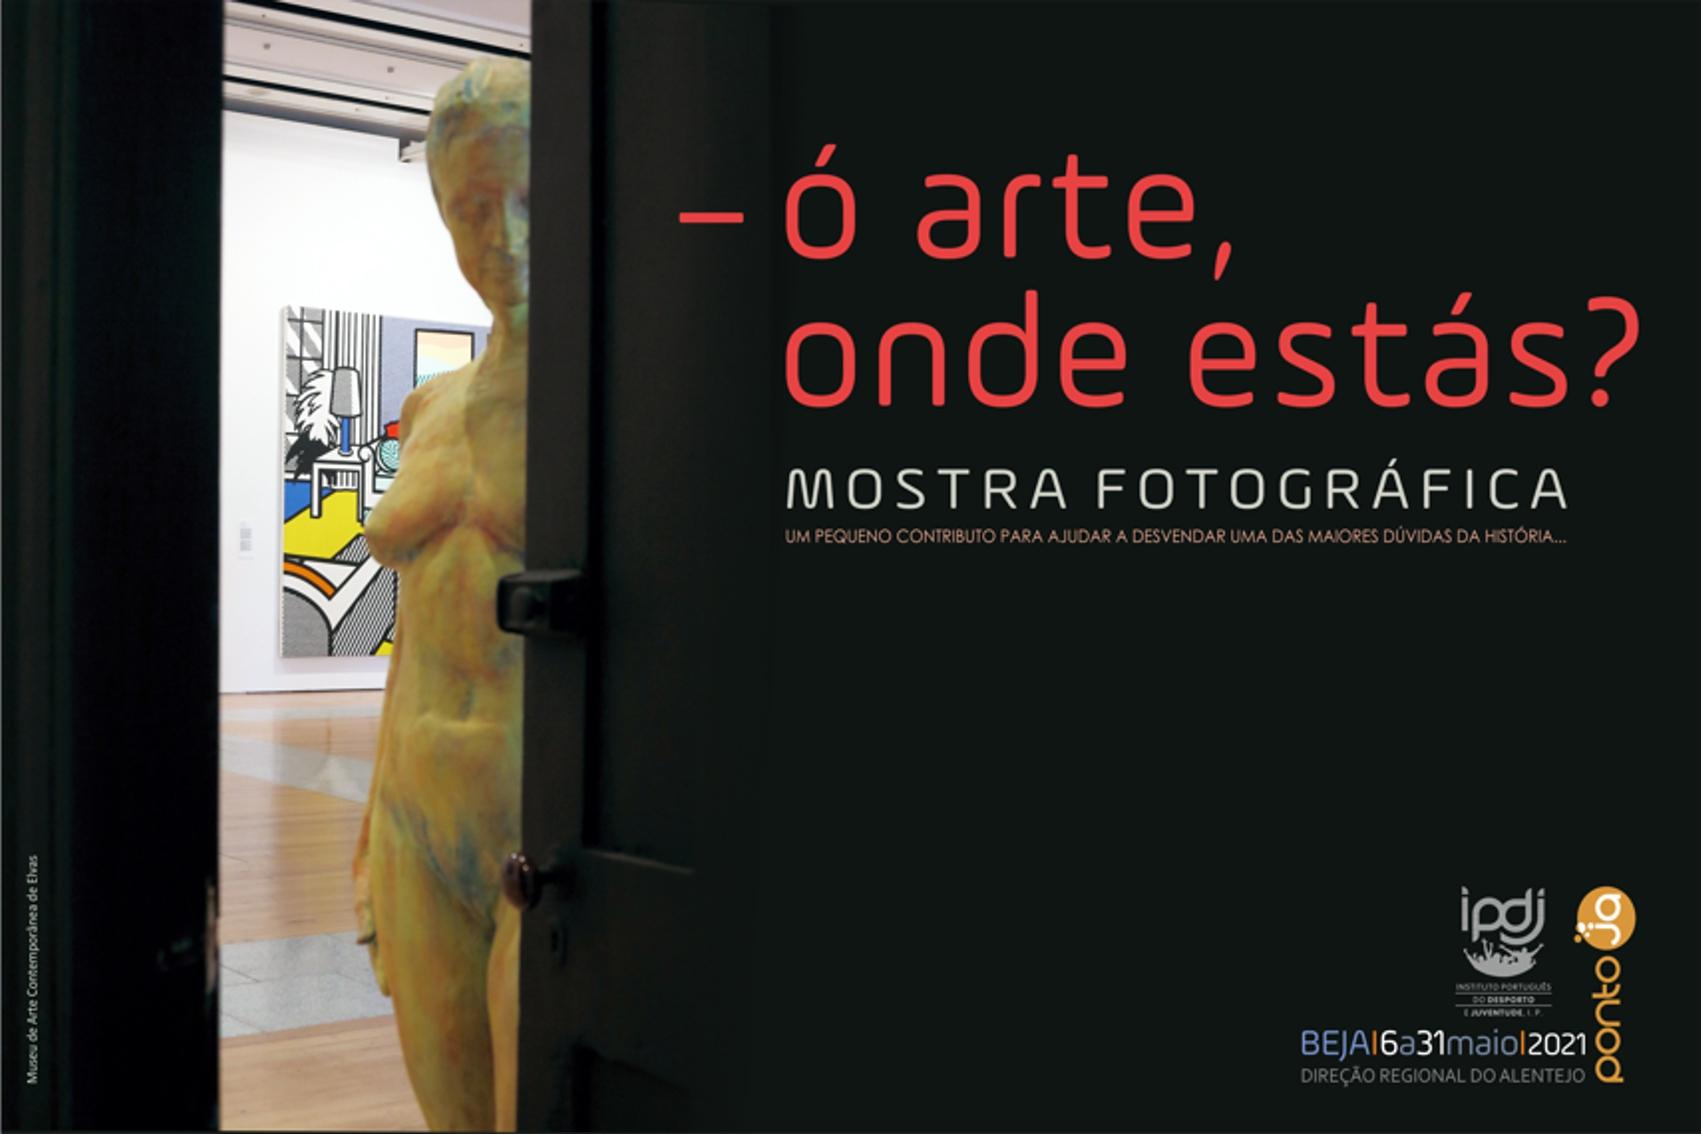 Imagem do cartaz sobre a exposição sobre arte